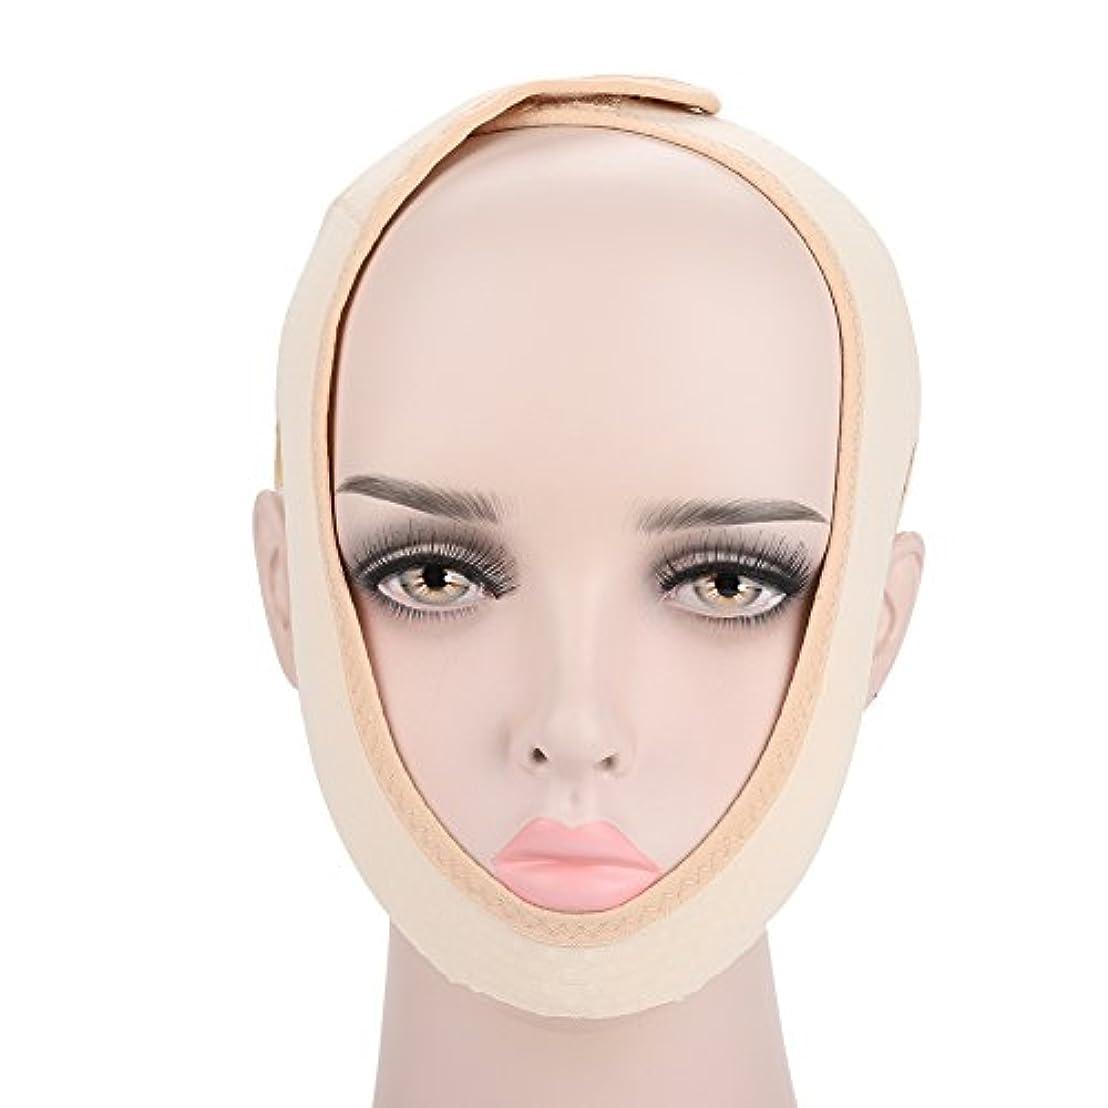 モディッシュ編集者記憶顔の輪郭を改善するための顔の痩身マスク、通気性と伸縮性、二重あごを和らげ、顔の手術とリハビリ